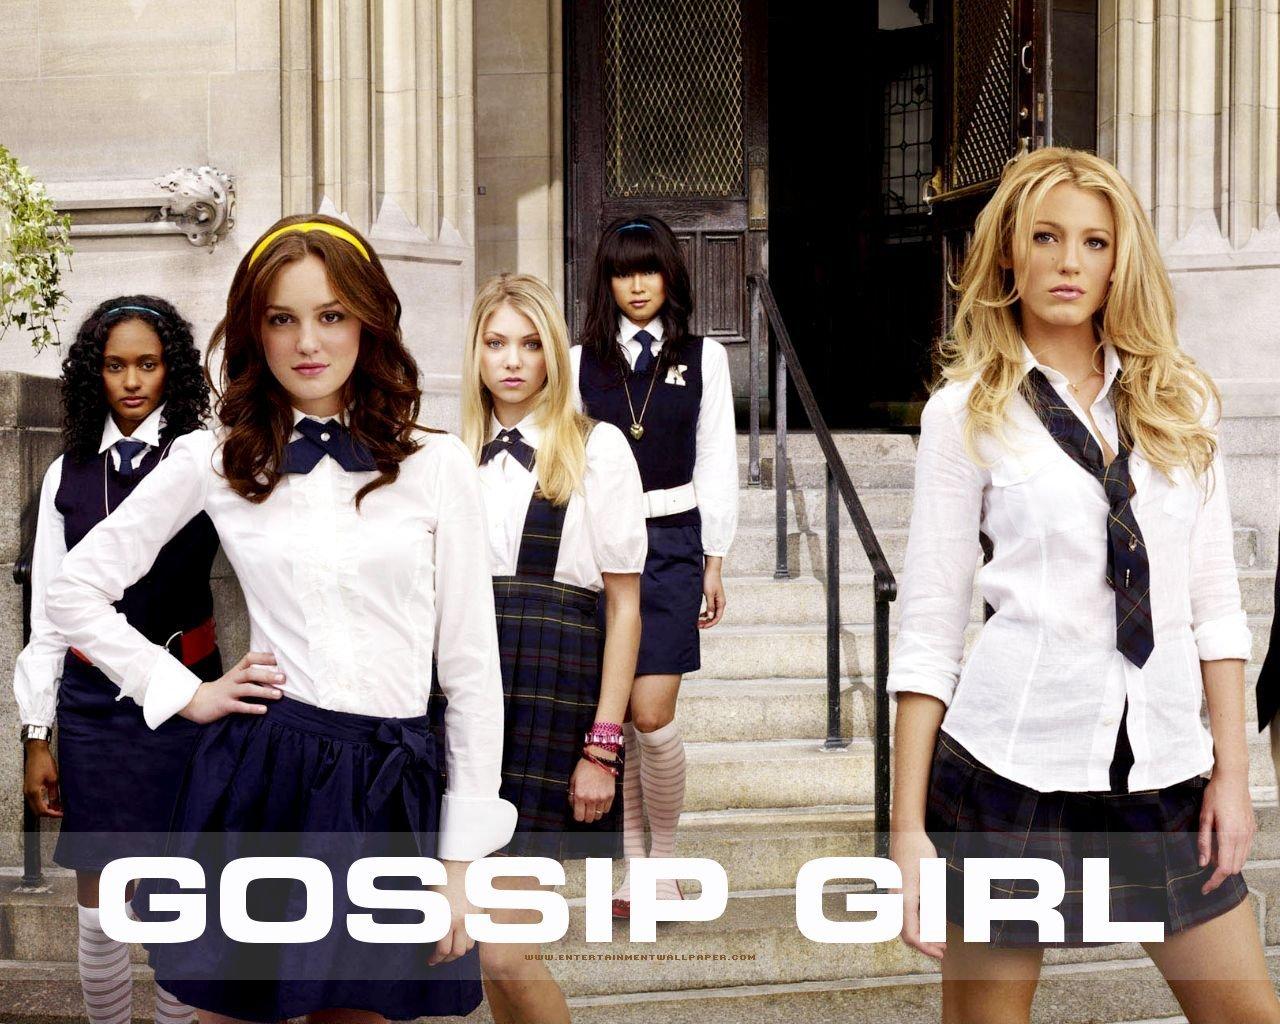 http://3.bp.blogspot.com/-oU4zQWE3xZM/Ts2kKNSlPqI/AAAAAAAABUc/voz6vf7bBZg/s1600/GG-wallpaper-gossip-girl-5359418-1280-1024.jpg